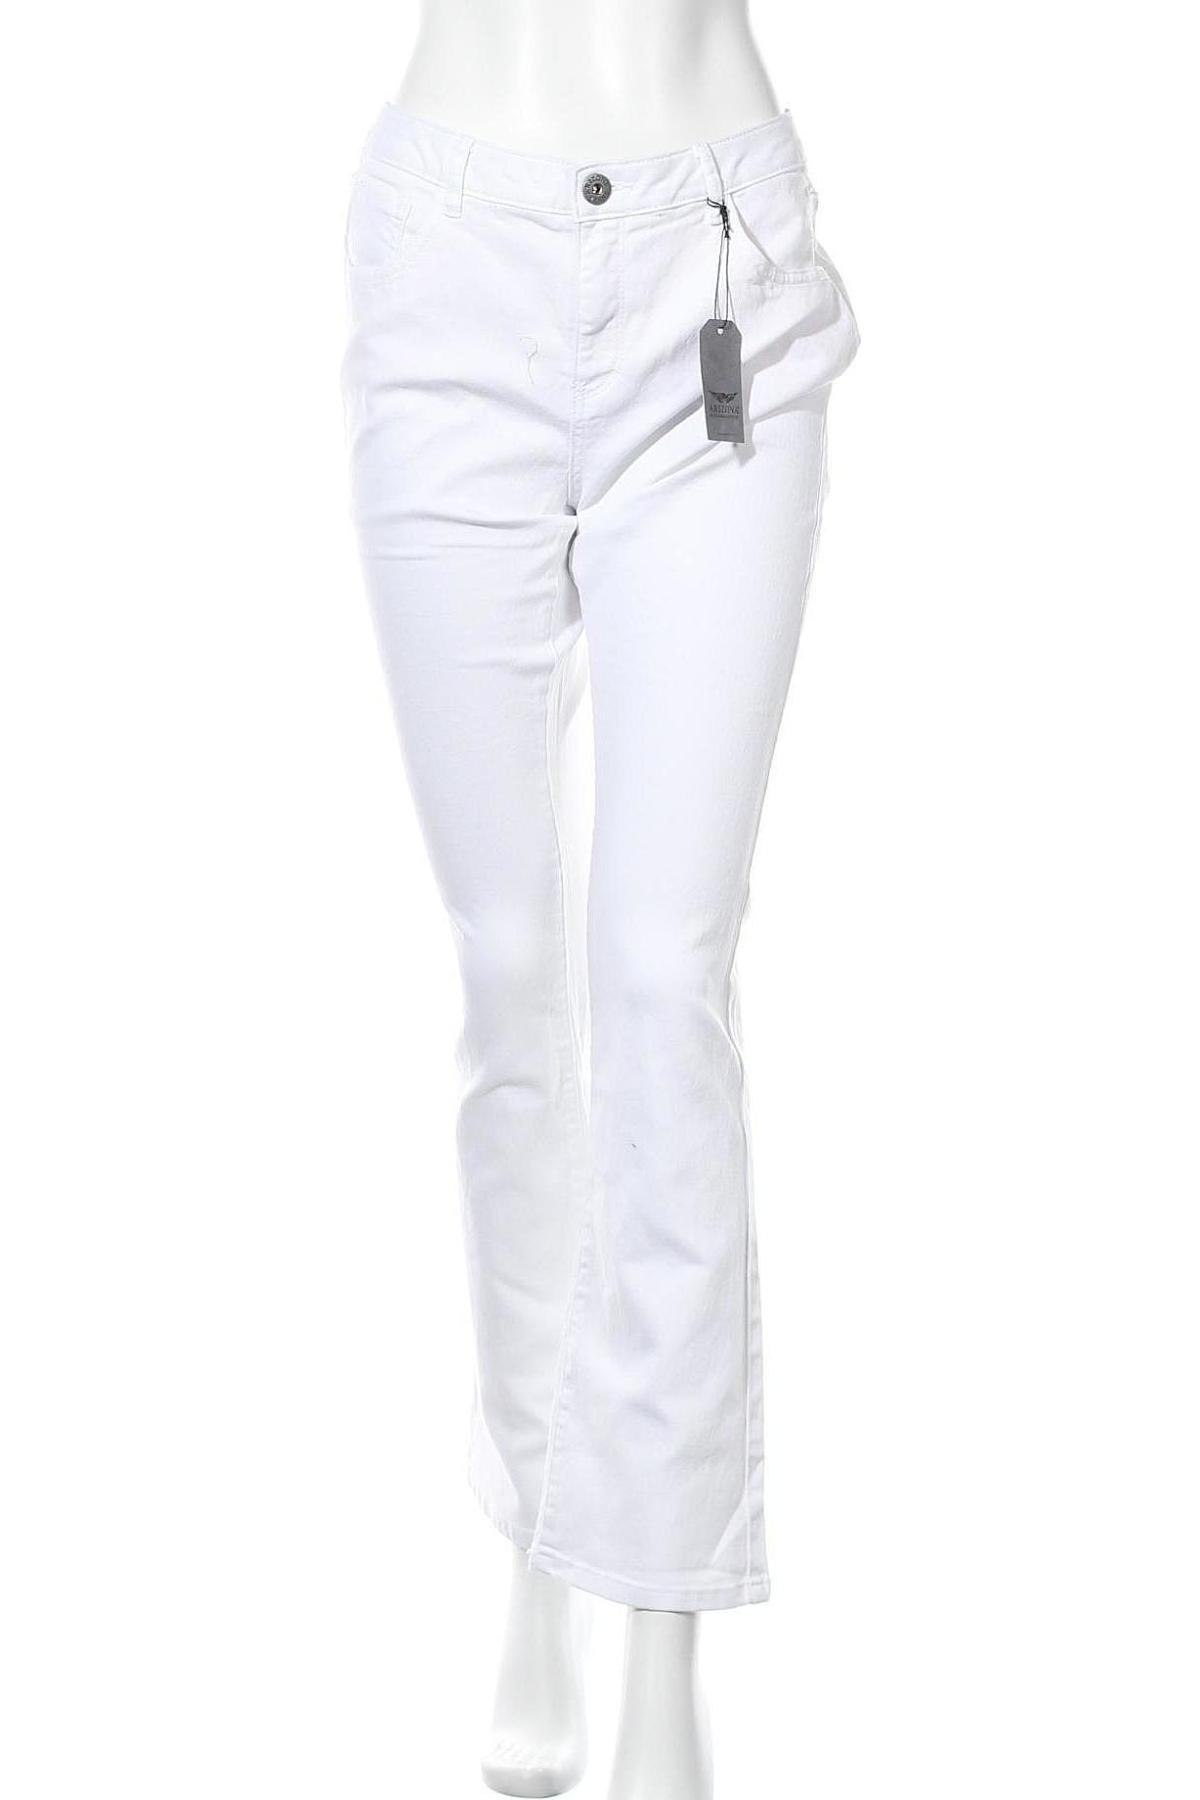 Дамски дънки Arizona, Размер L, Цвят Бял, 65% памук, 33% полиестер, 2% еластан, Цена 39,50лв.